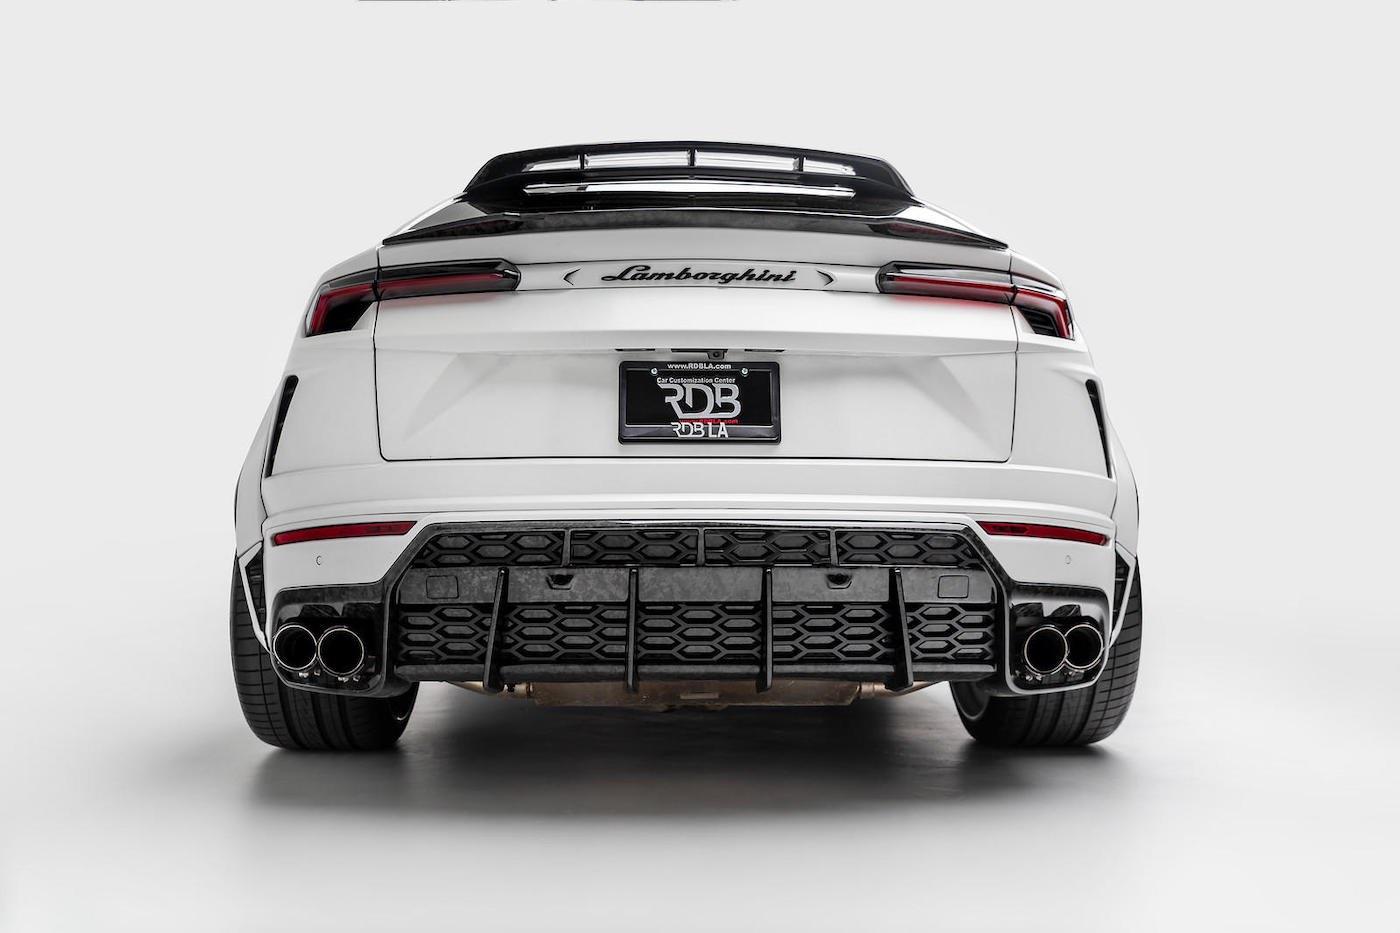 1016 Industries presenta este bestial Lamborghini Urus Widebody con 840 HP.